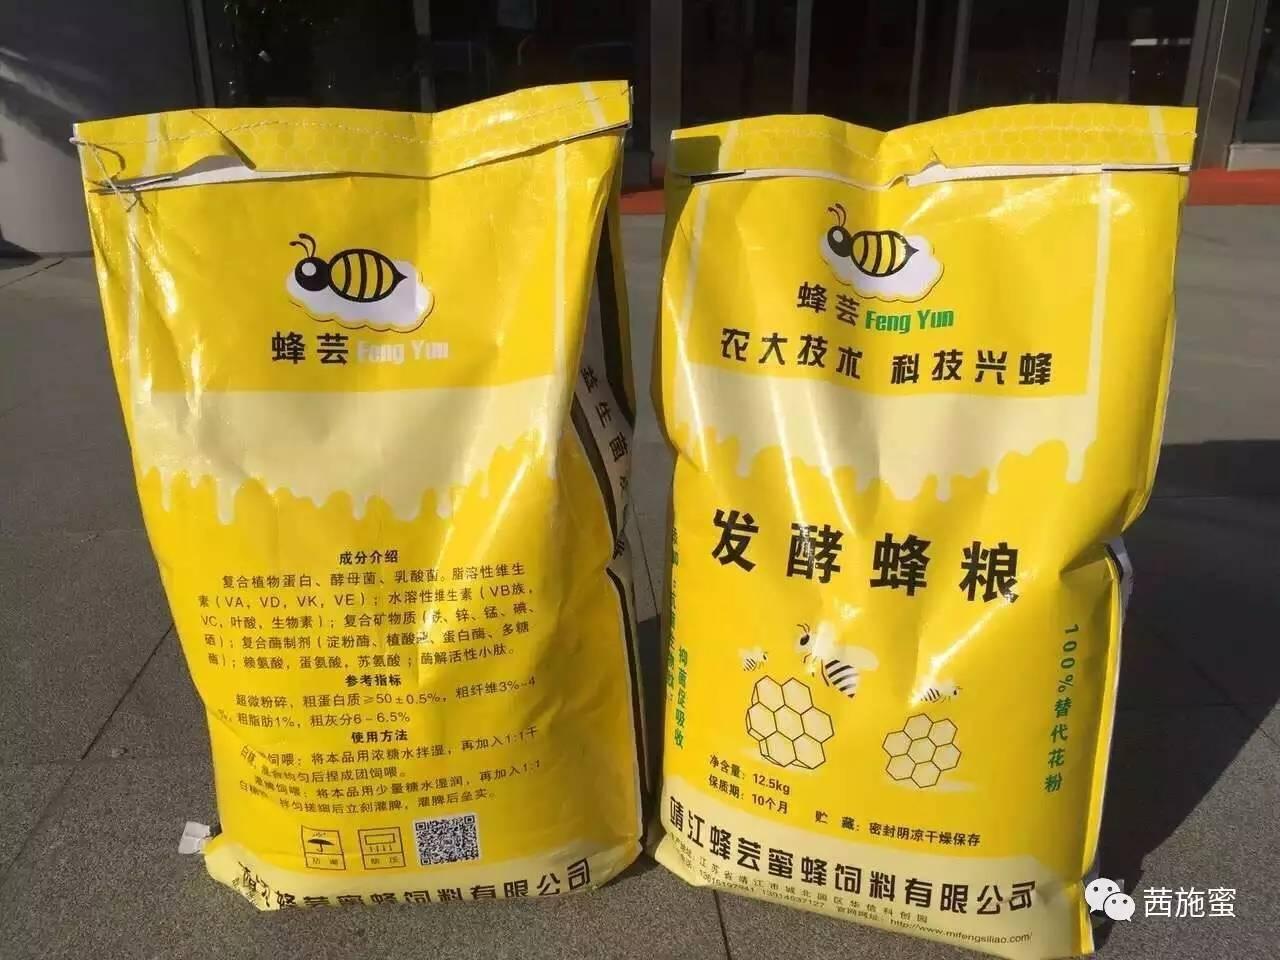 中蜂 洋槐蜂蜜多少钱一斤 蜂蜜瓶 荔枝蜂蜜 感官指标